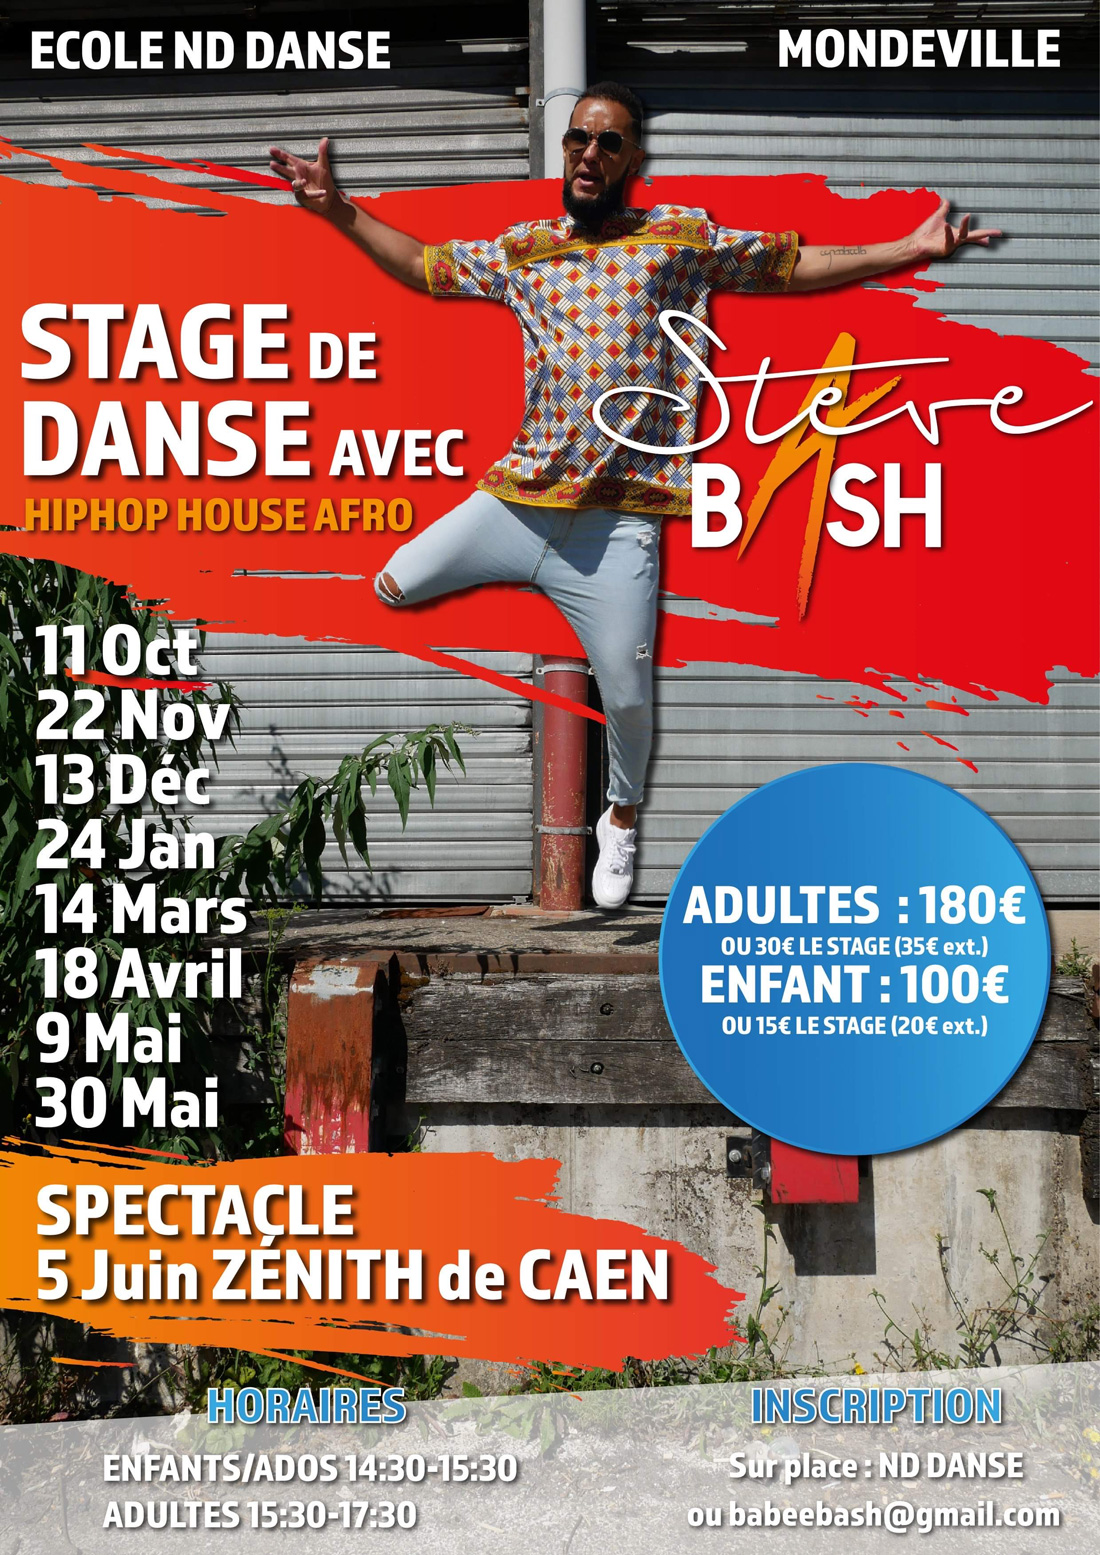 Stage Steve Bash